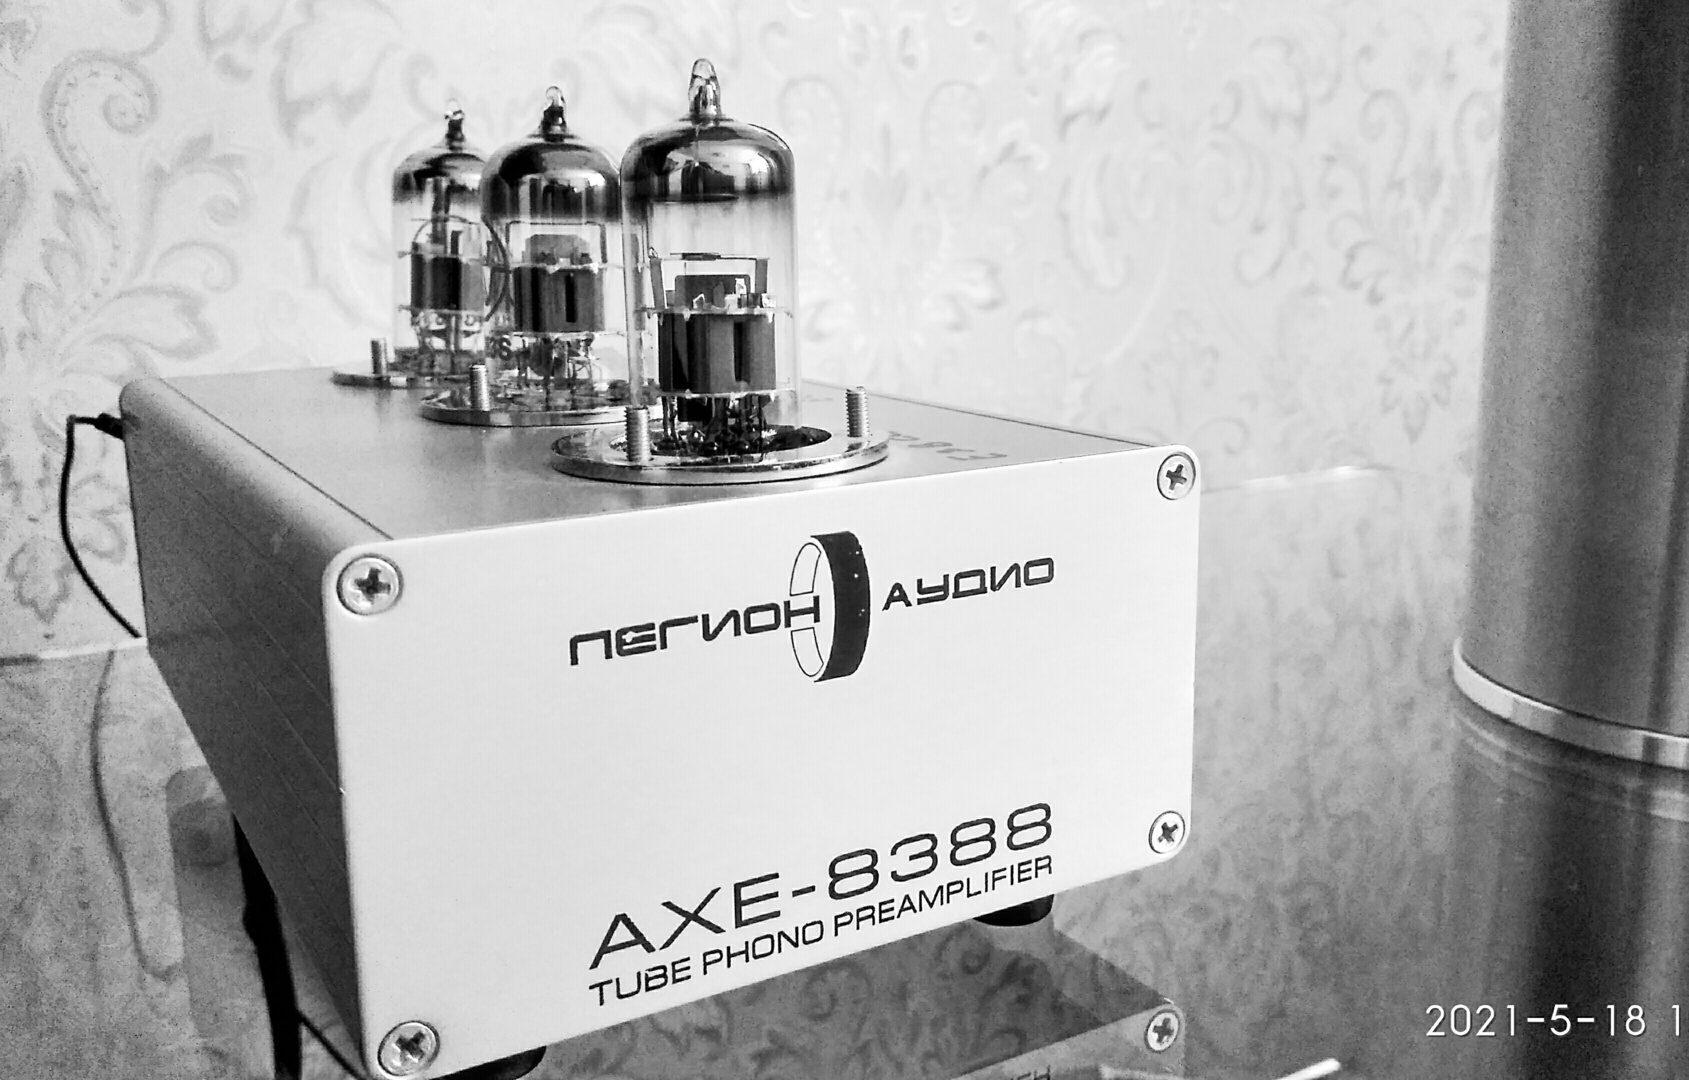 Сравнение встроенного фонокорректора усилителя Marantz PM8005 и внешнего AXE-8388